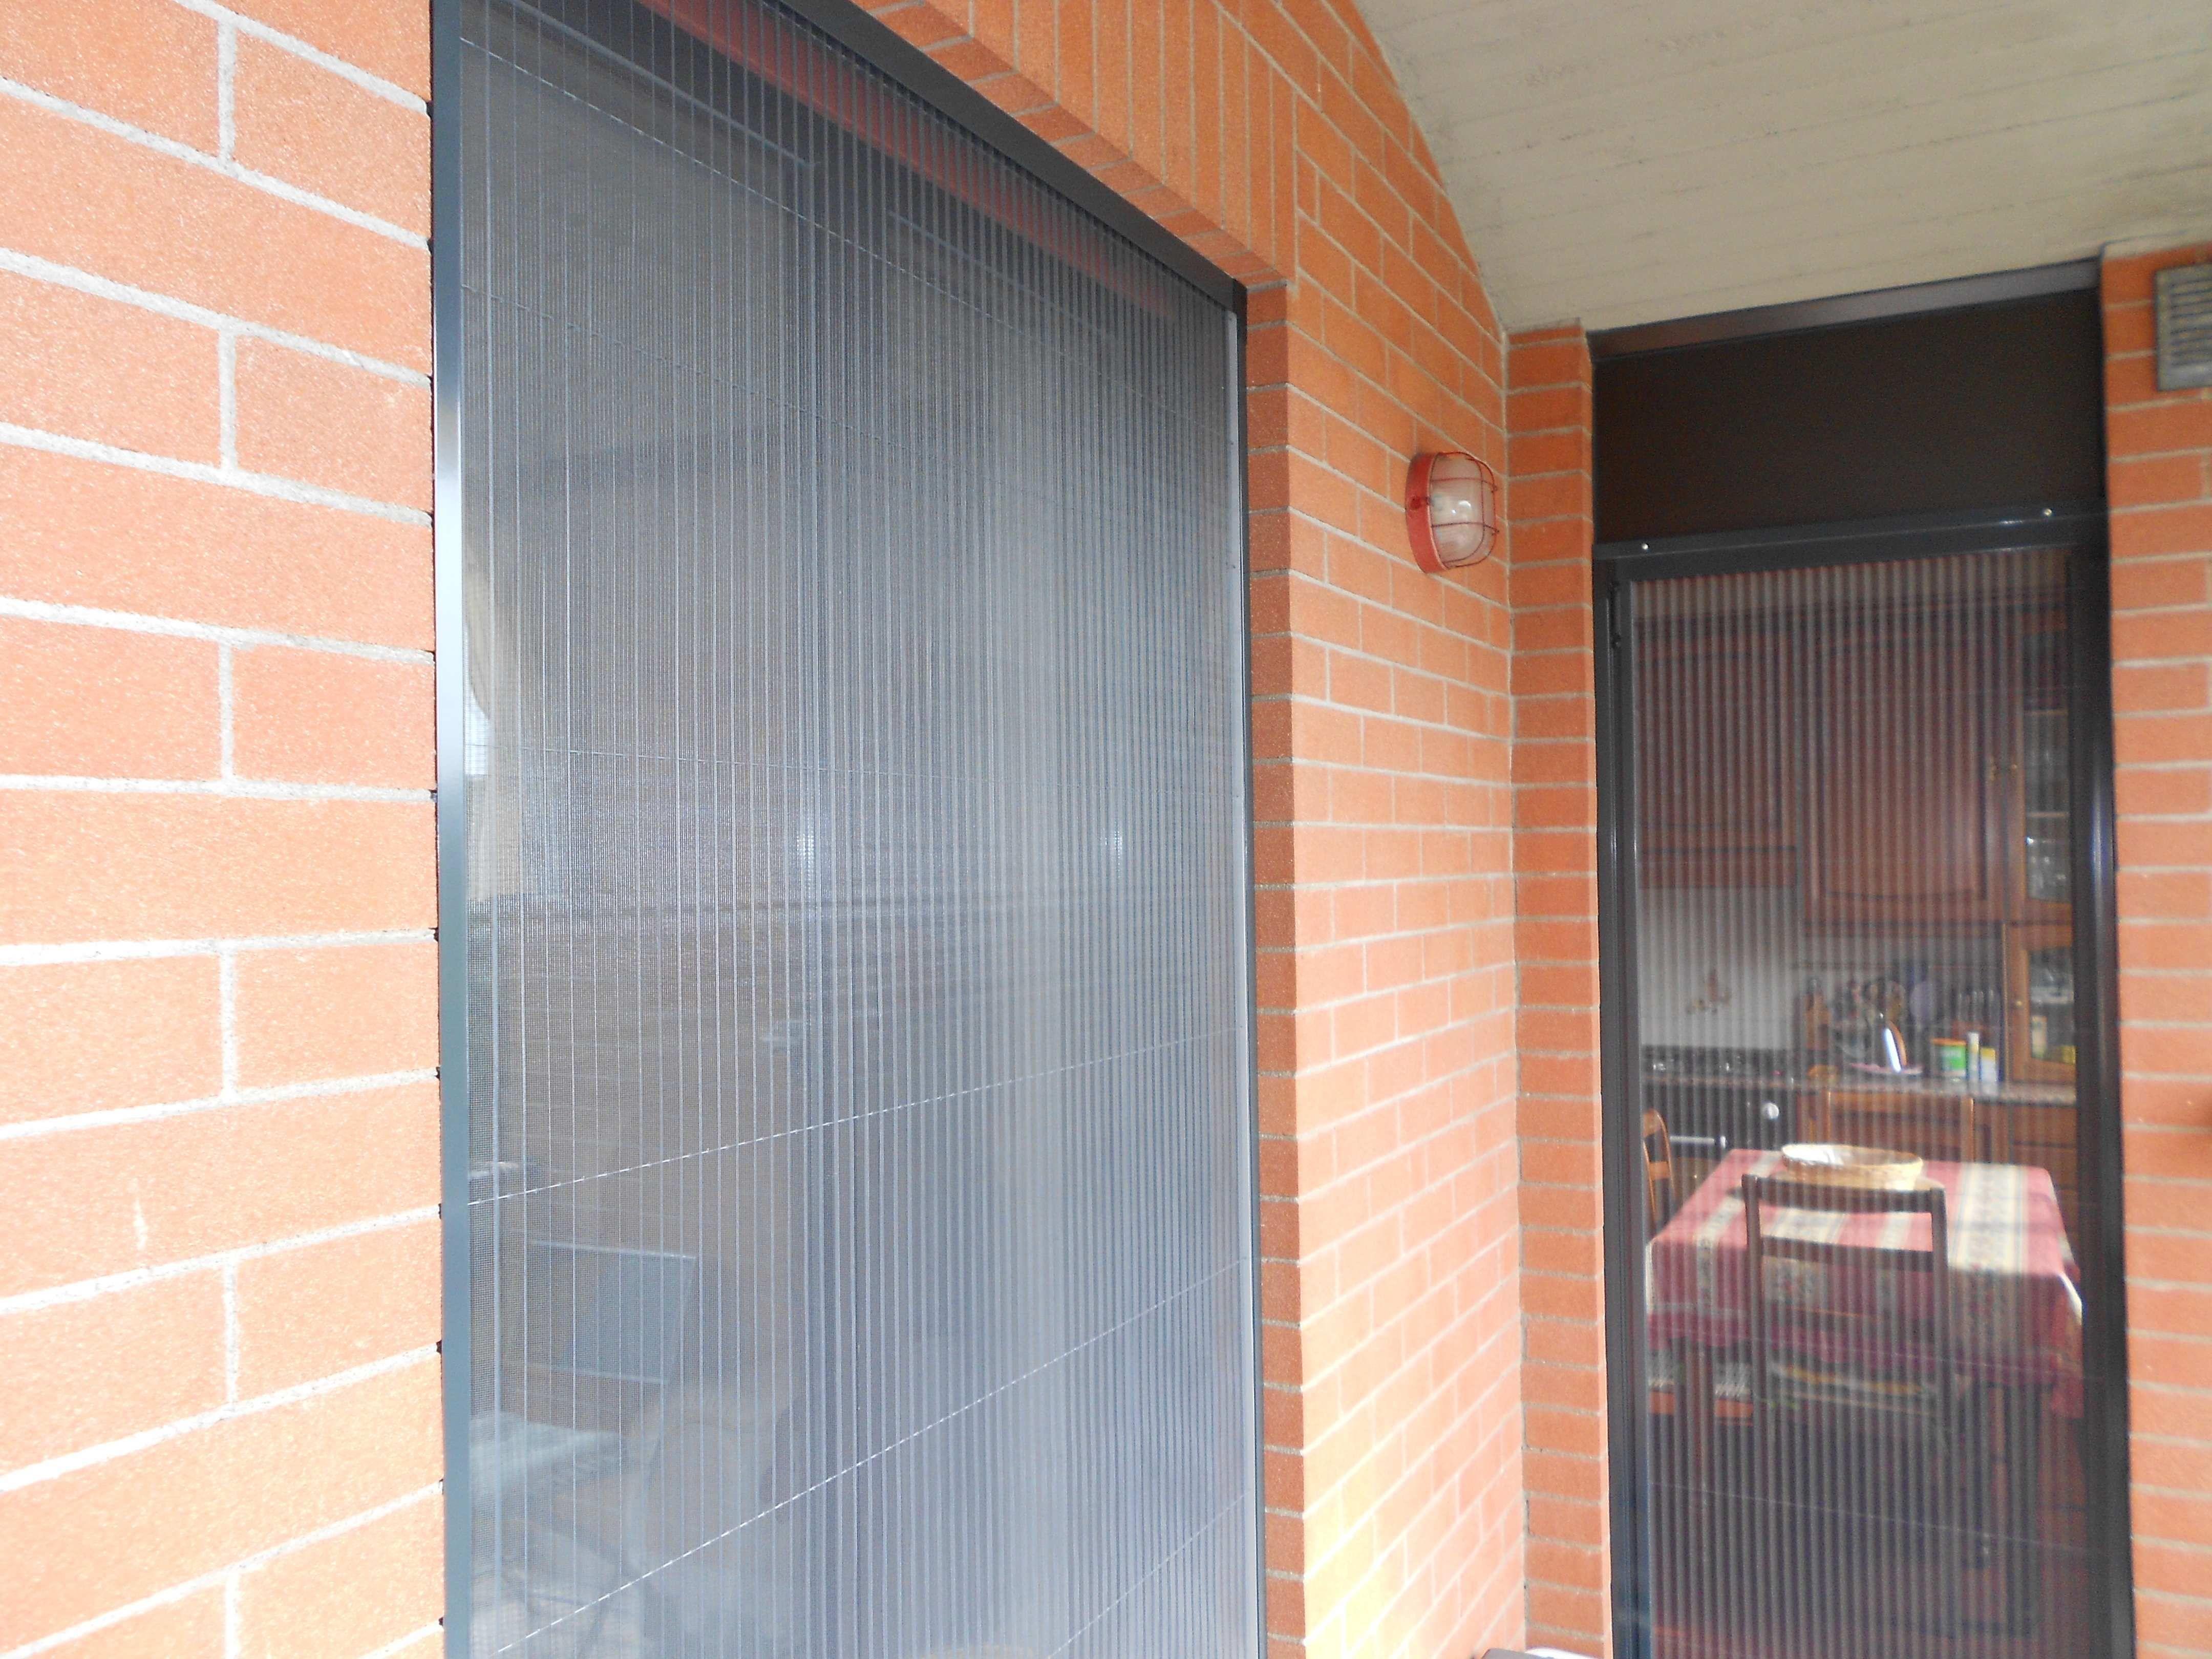 Zanzariera plissettata sottile sicura e senza molla ideale - Modelli di zanzariere per porte finestre ...